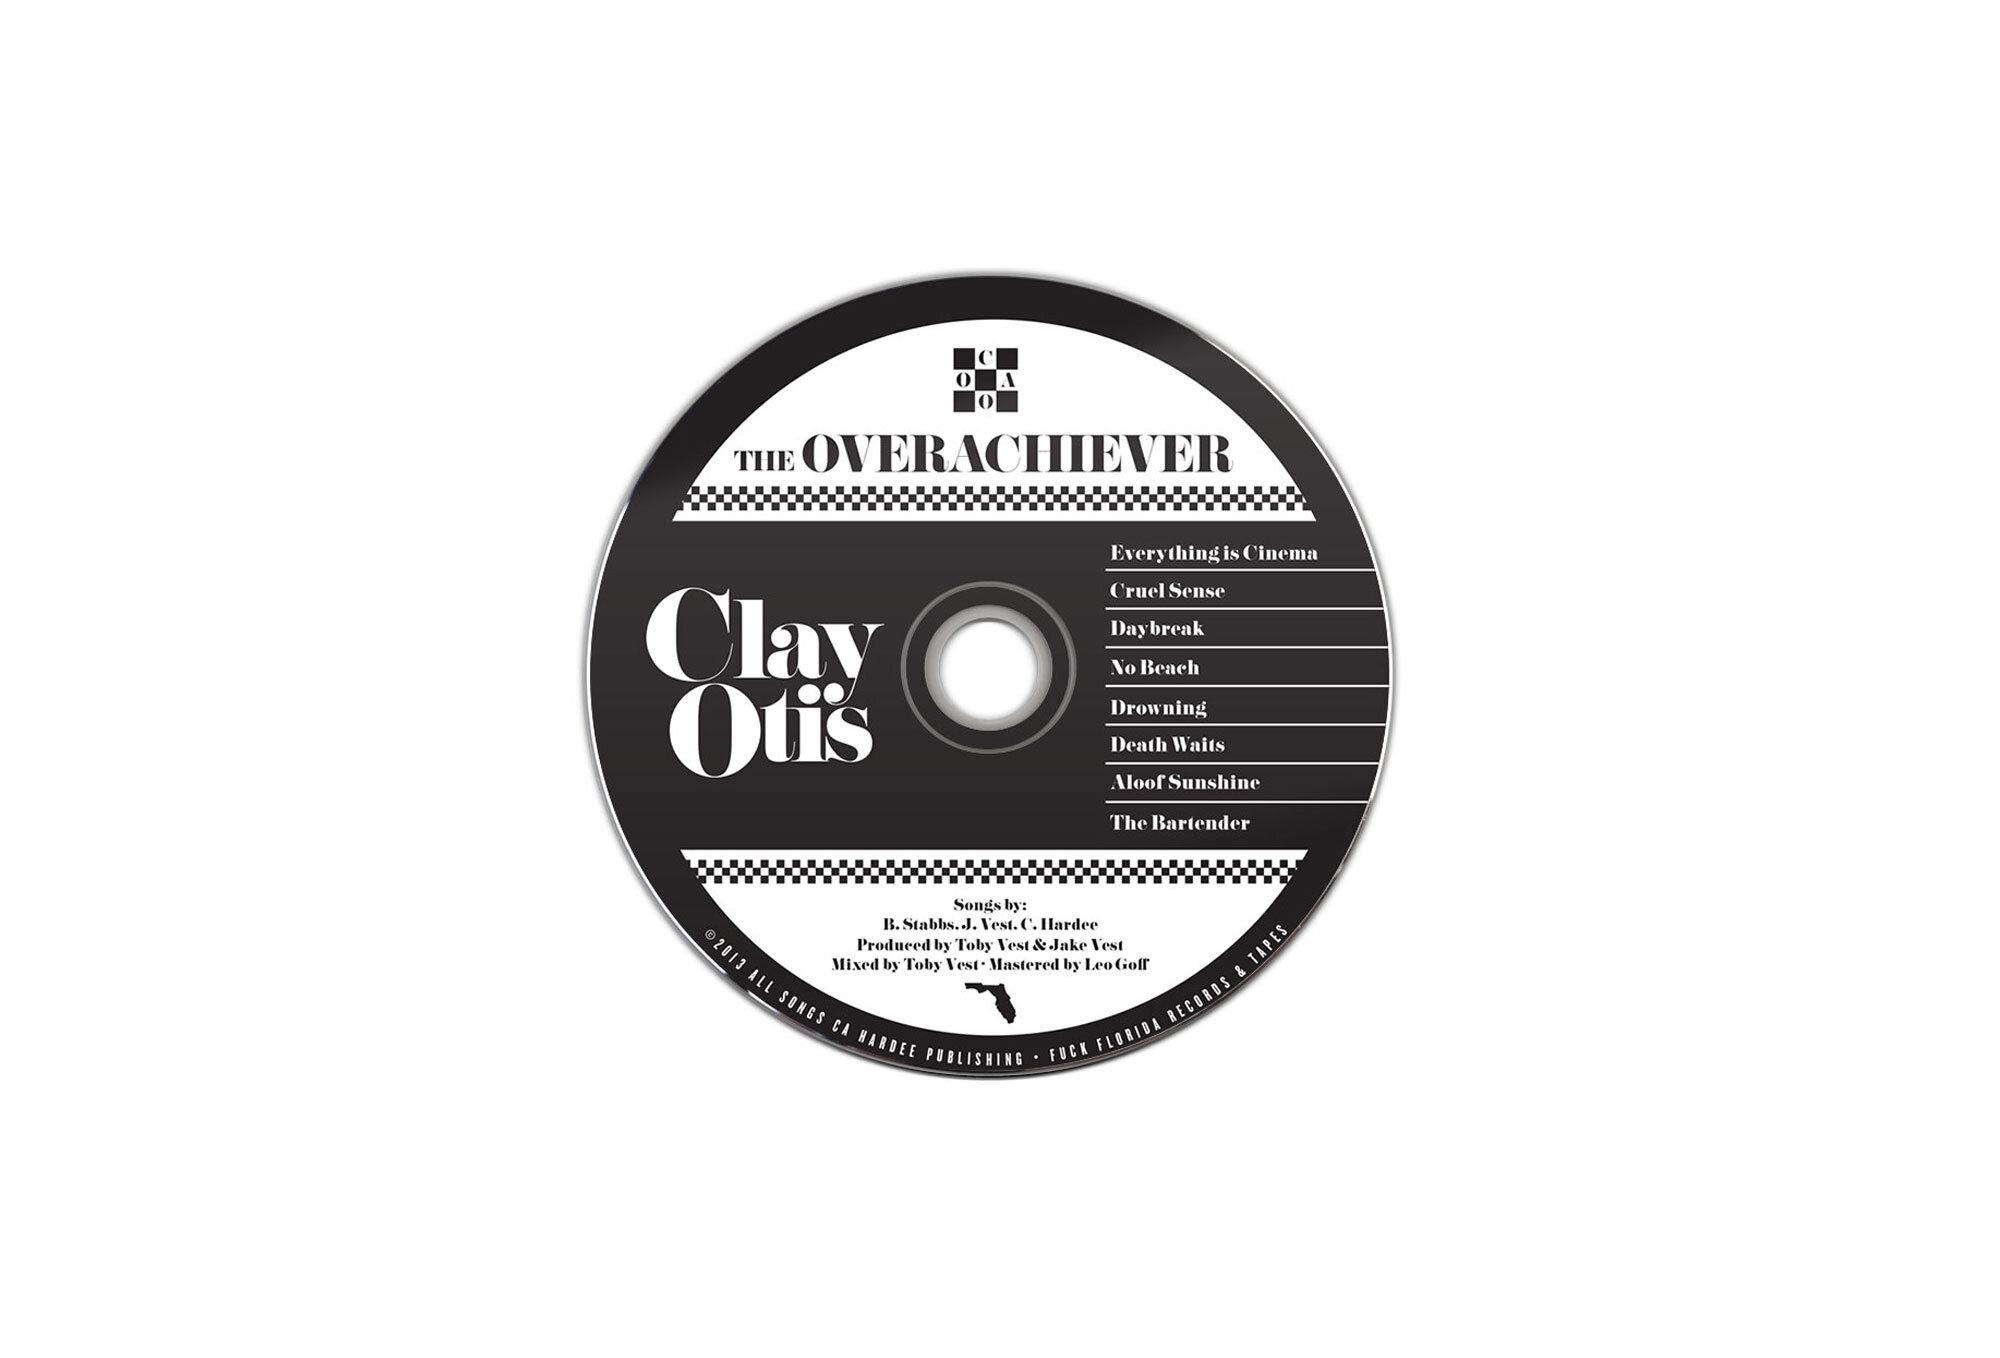 Overacheiver_Digipak-Mockup2_Disc.jpg